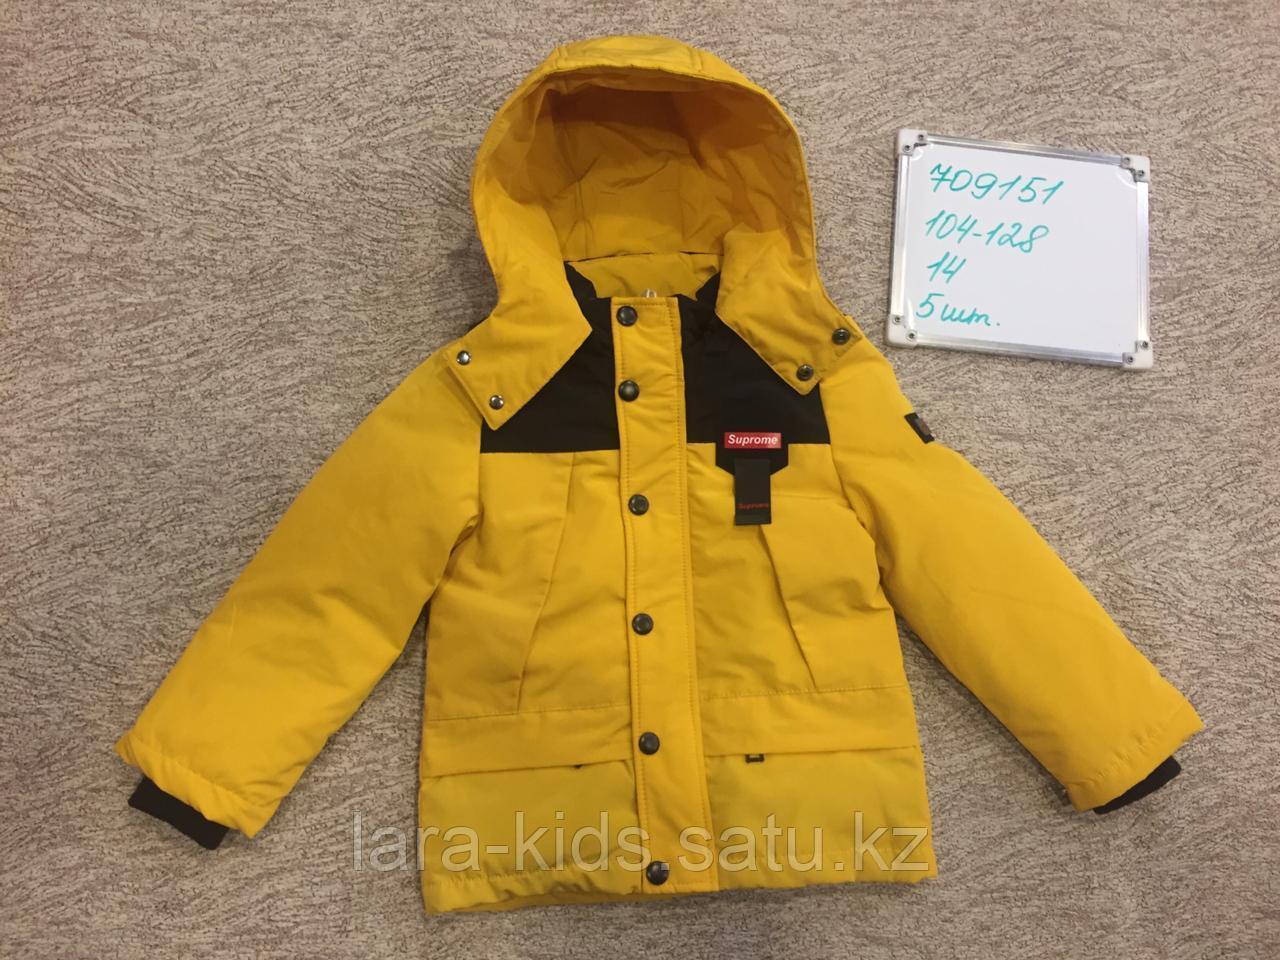 Куртки и ветровки для мальчиков, парки для подростков